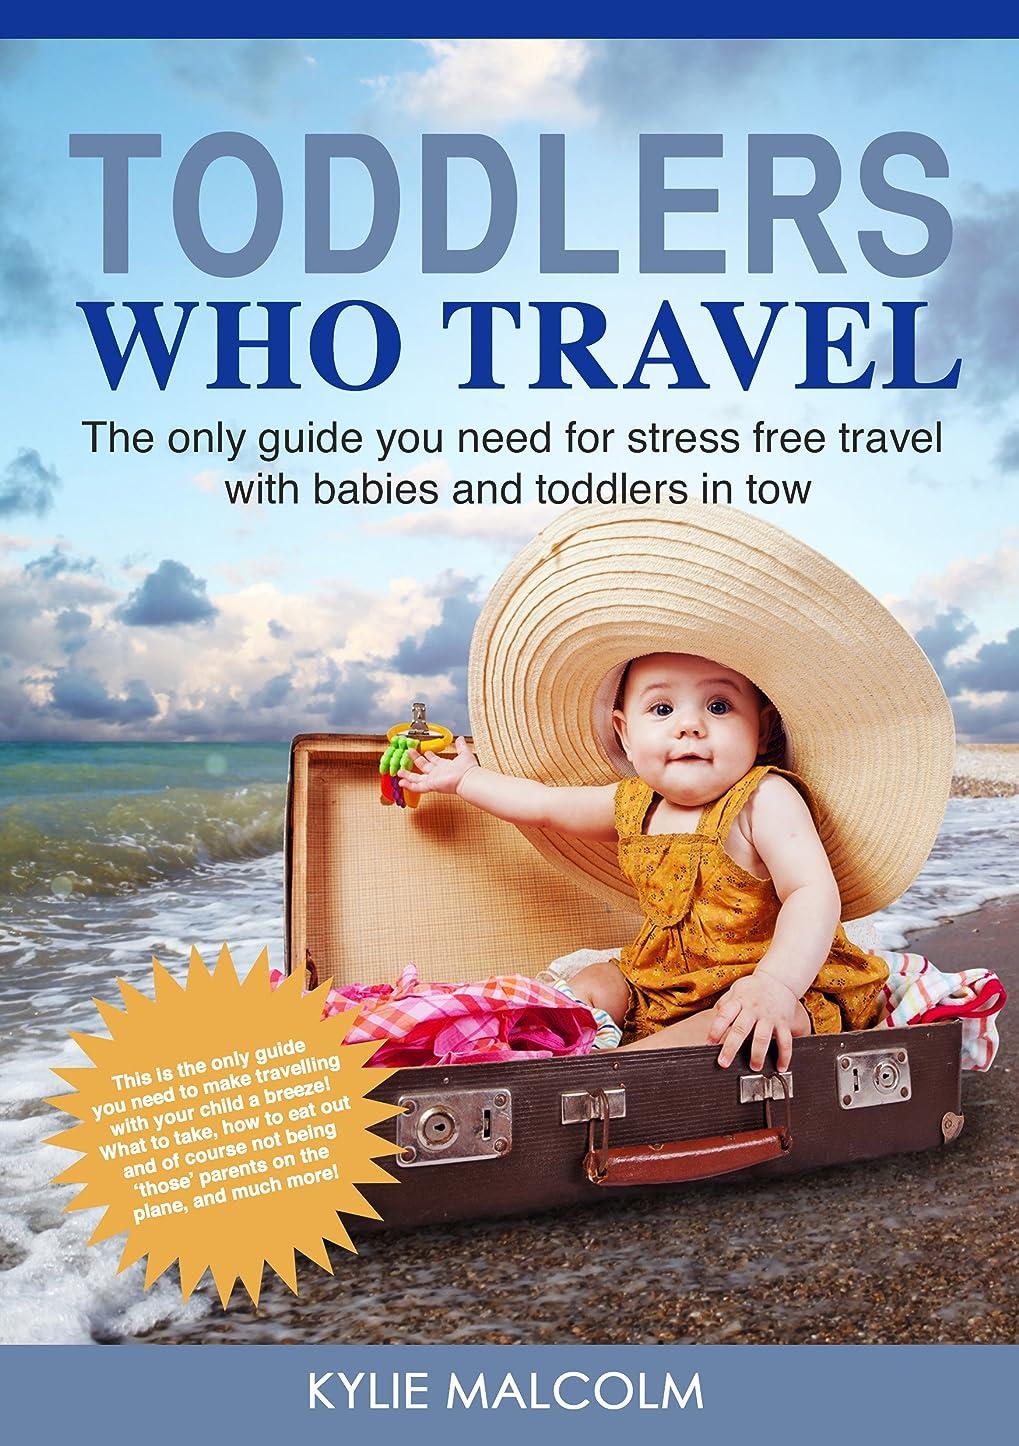 発掘インシュレータ深くToddlers Who Travel: The only guide you need for stress free travel with babies and toddlers in tow. (English Edition)